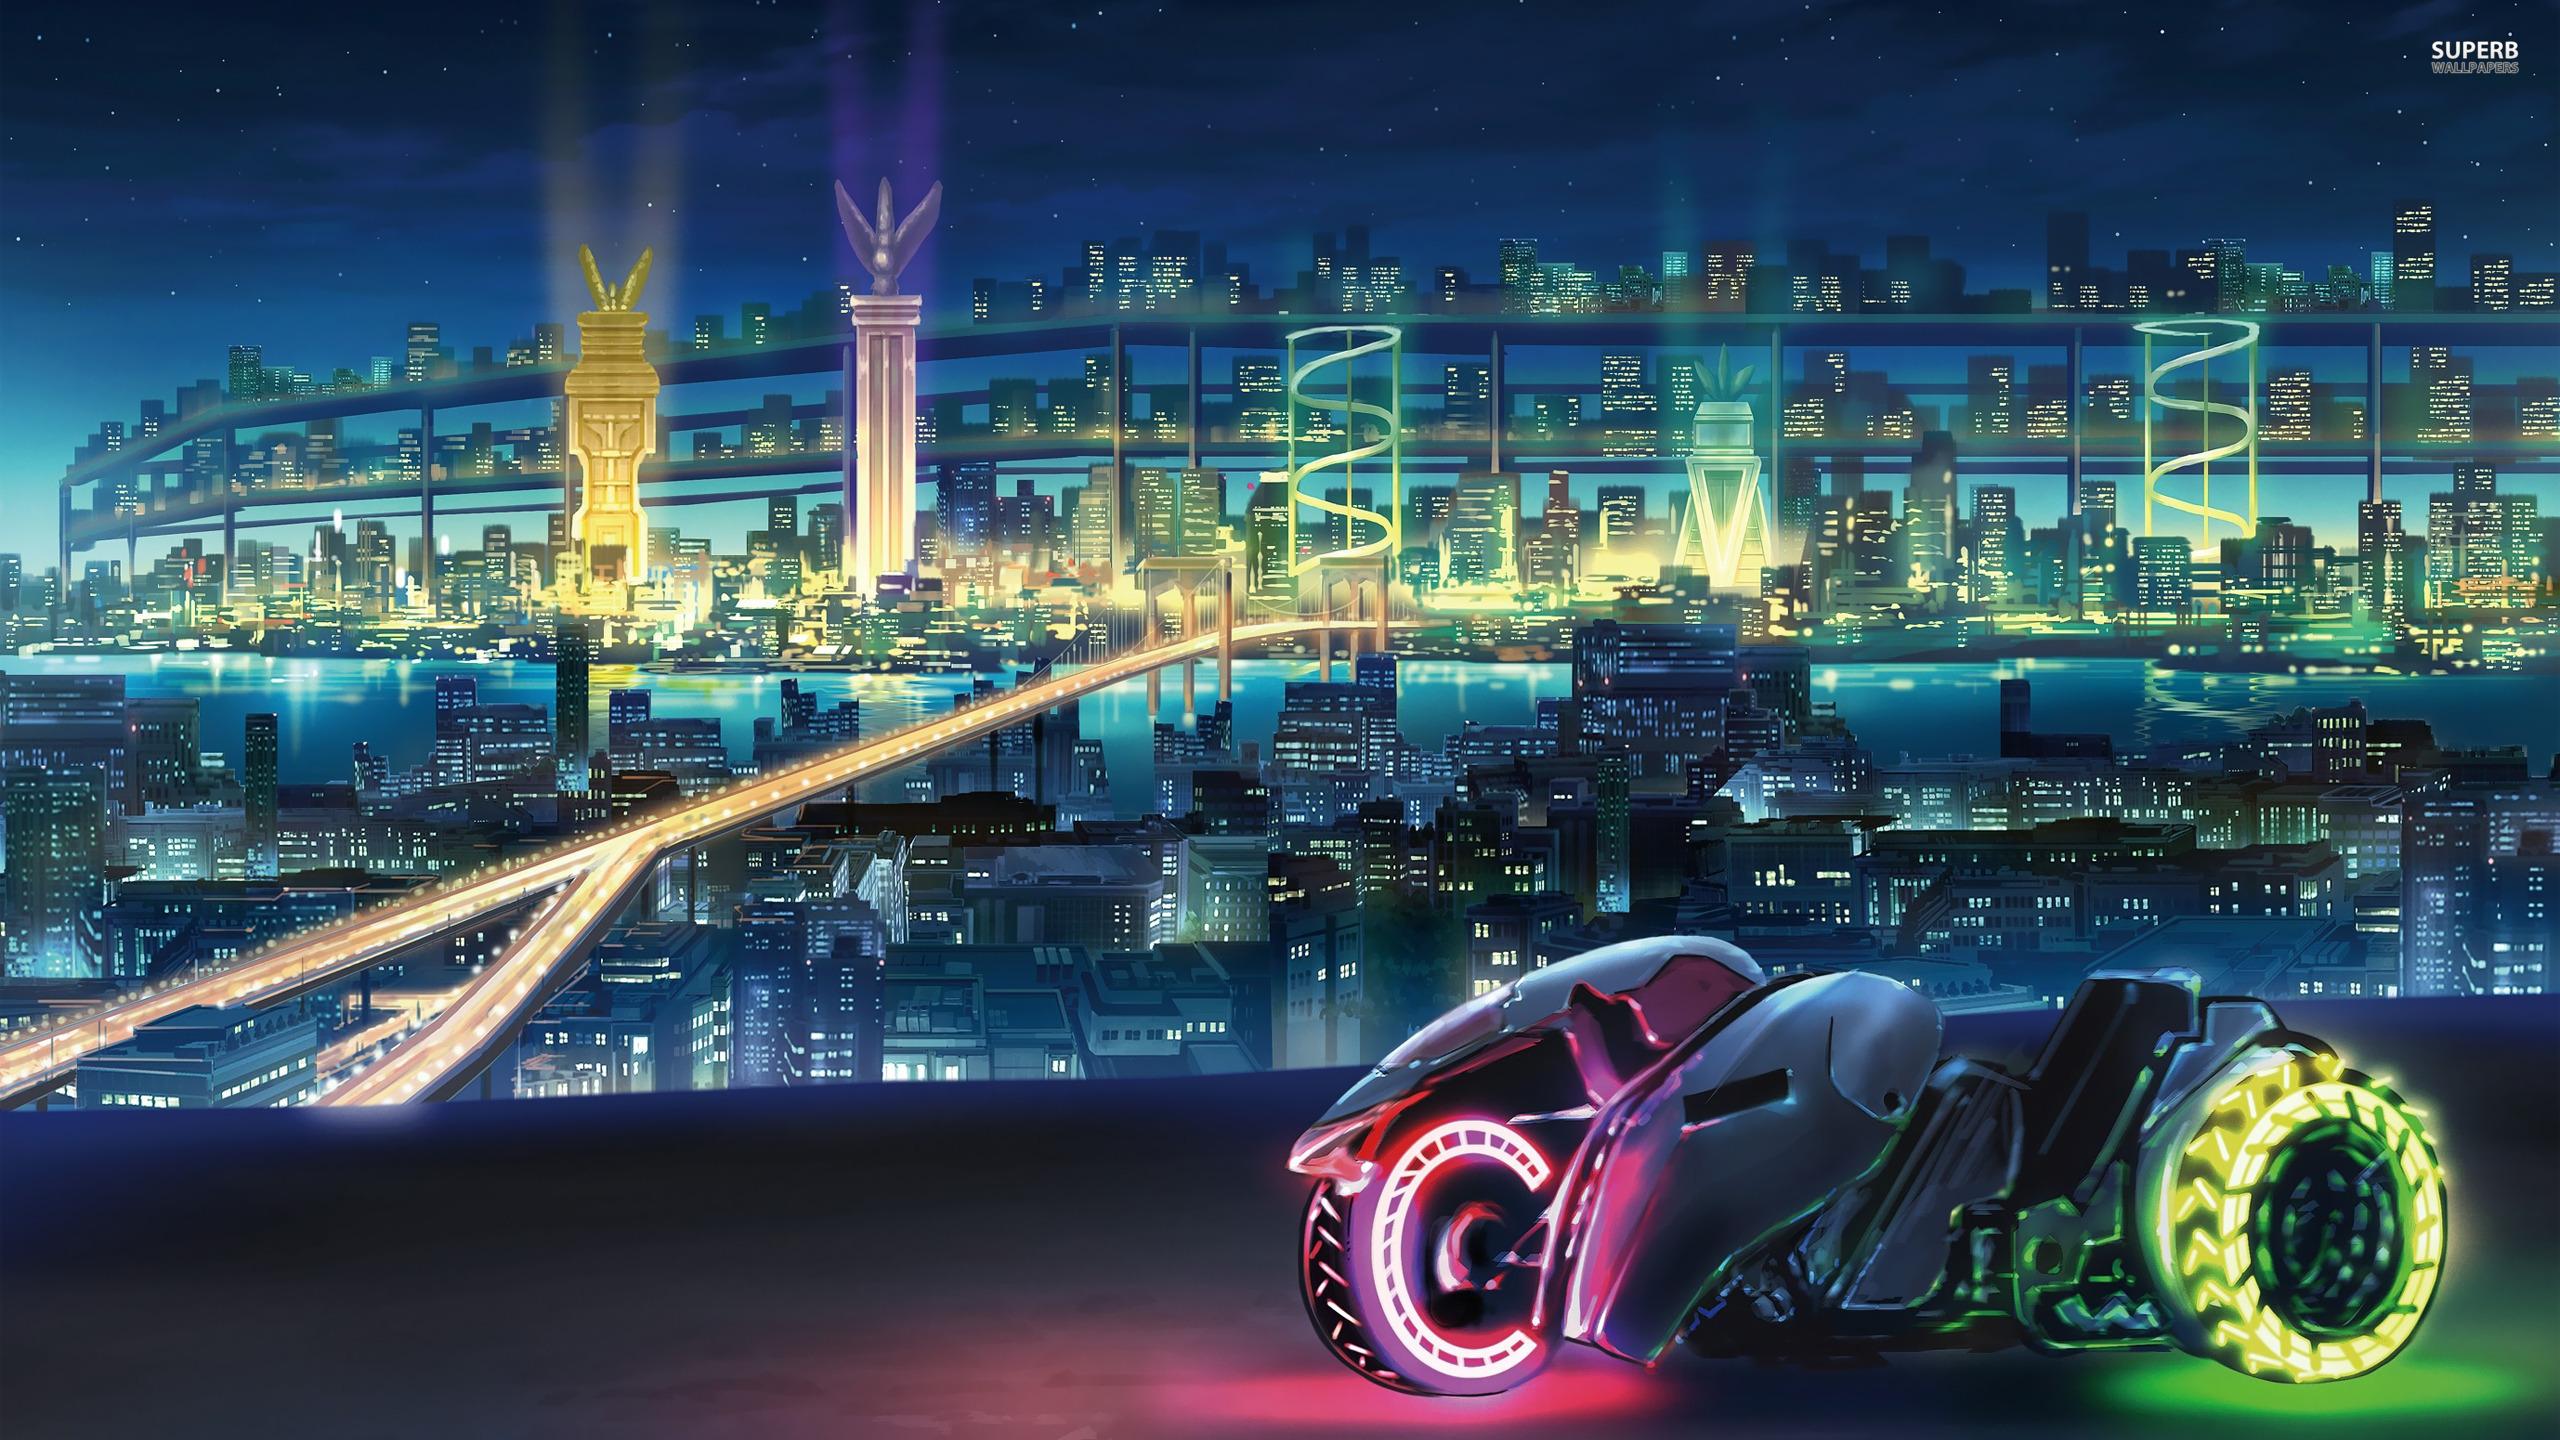 Drawn wallpaper cityscape Perspective futuristic cityscape Drawing cityscape